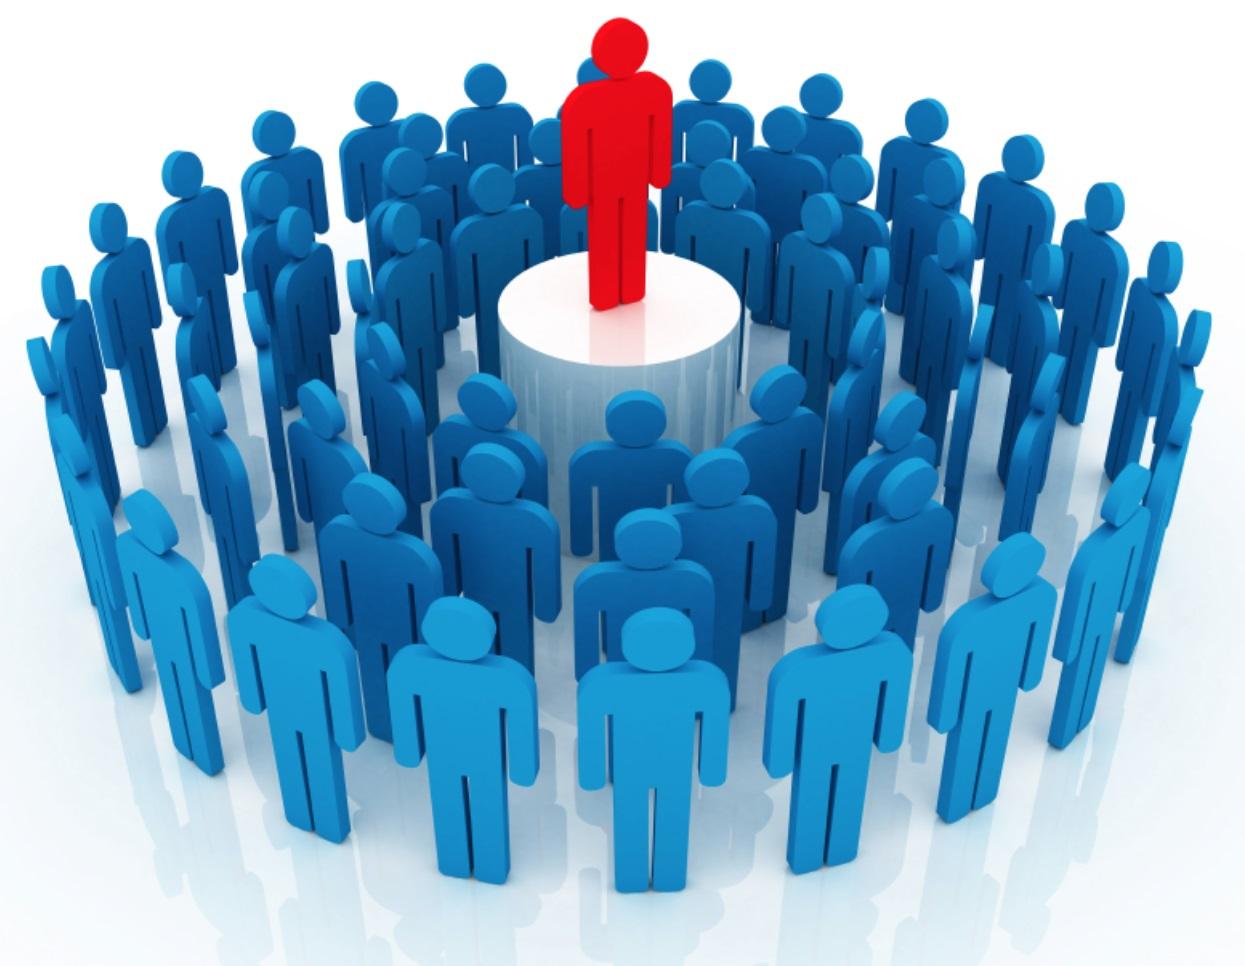 Авторитет в обществе многое значит и дает большие возможности